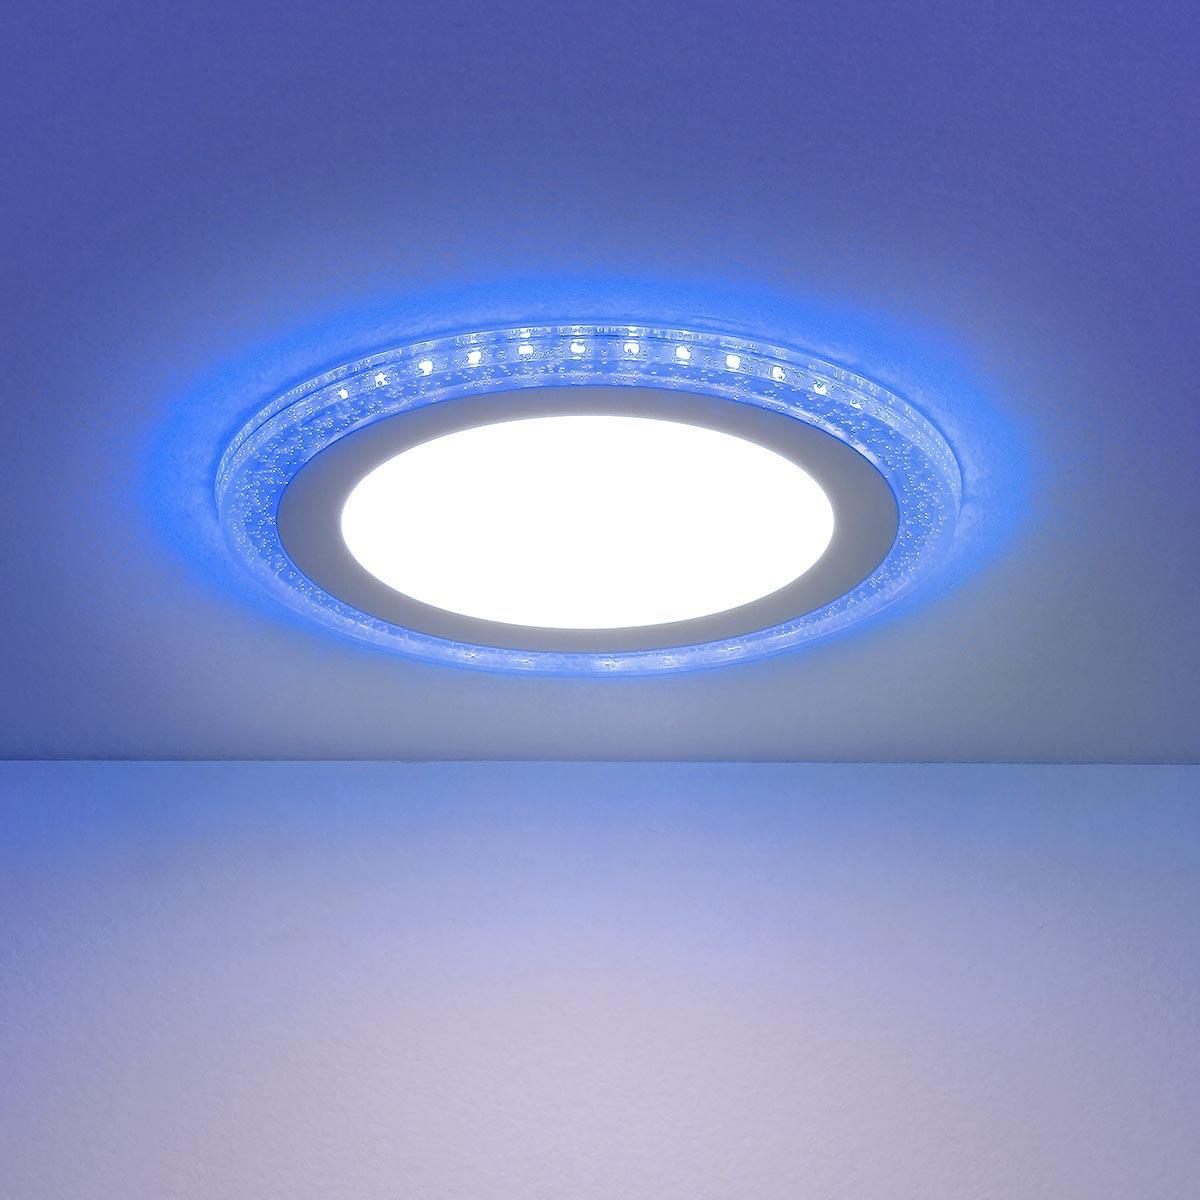 Встраиваемый светодиодный светильник Elektrostandard DLR024 7+3W 4200K Blue 4690389107092 цена